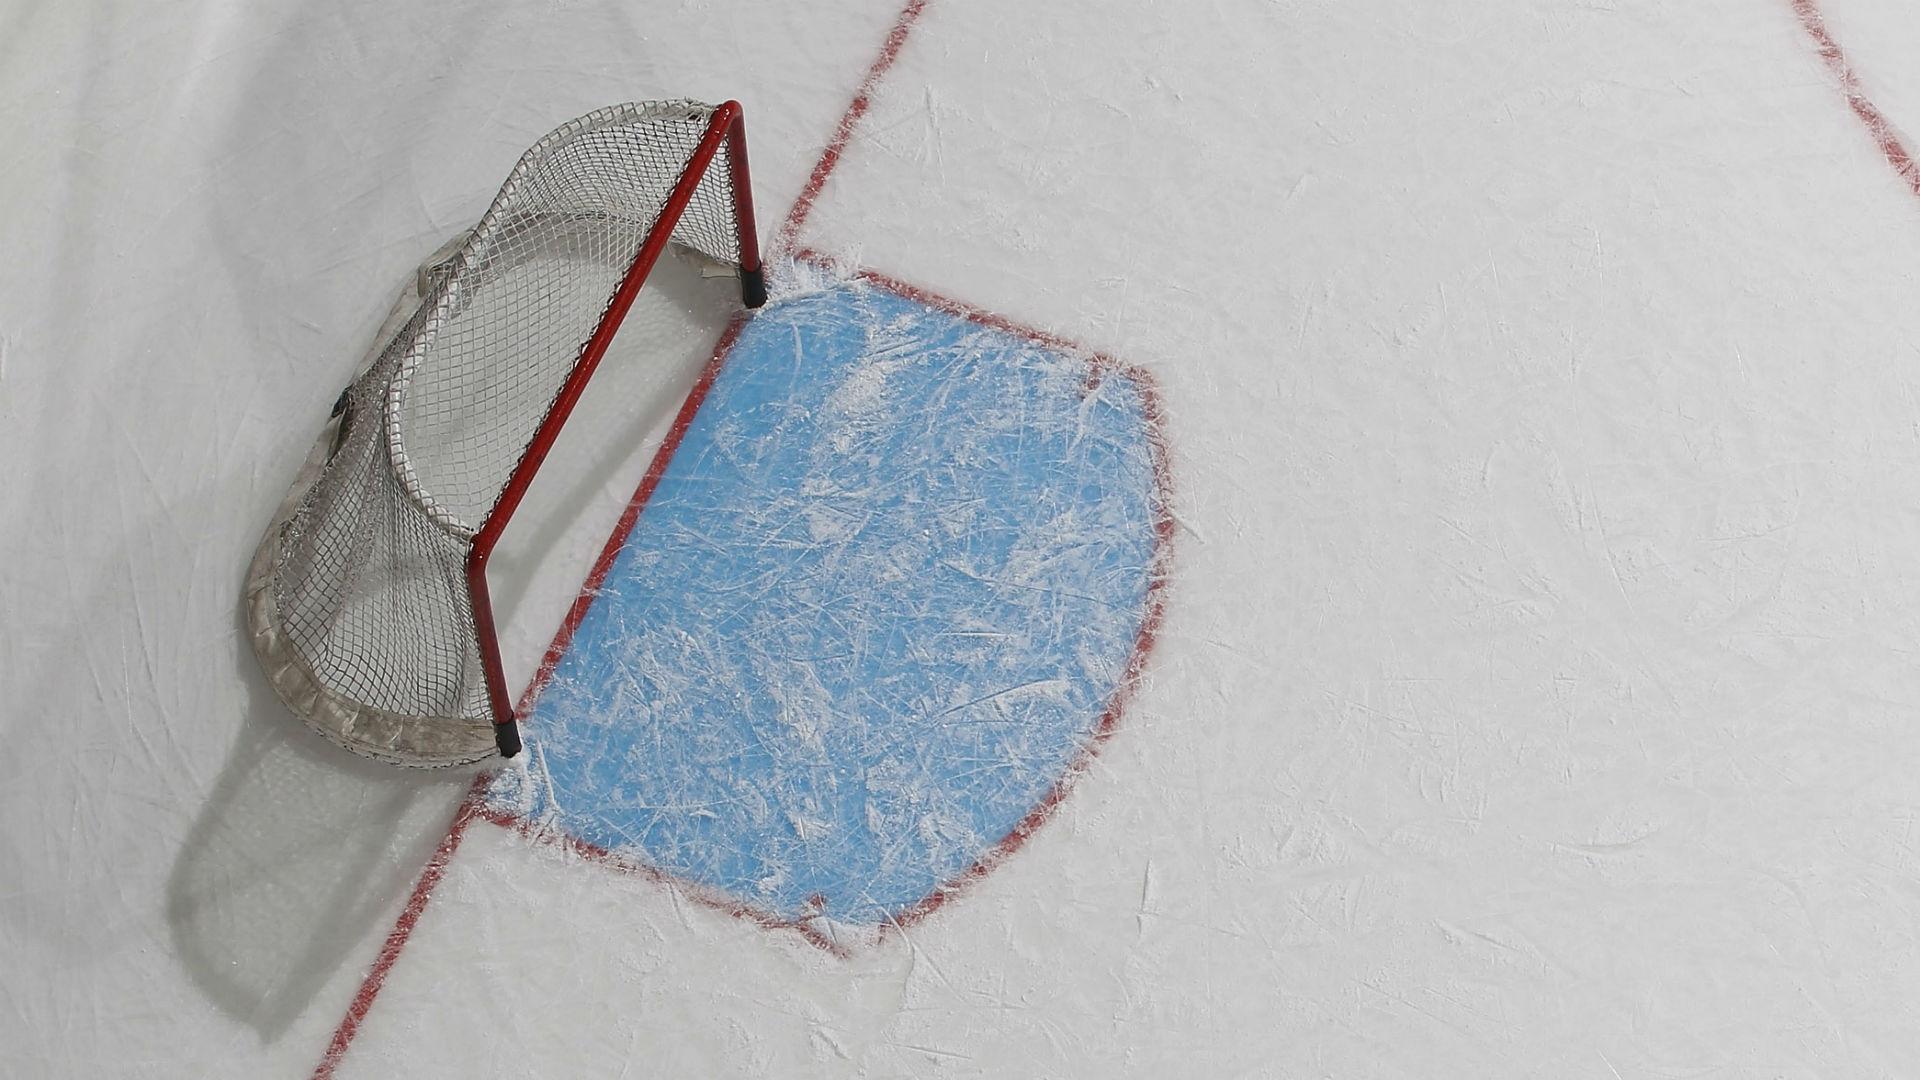 ECHL cancela el resto de la temporada, incluidos los playoffs; La temporada de AHL está en peligro 36